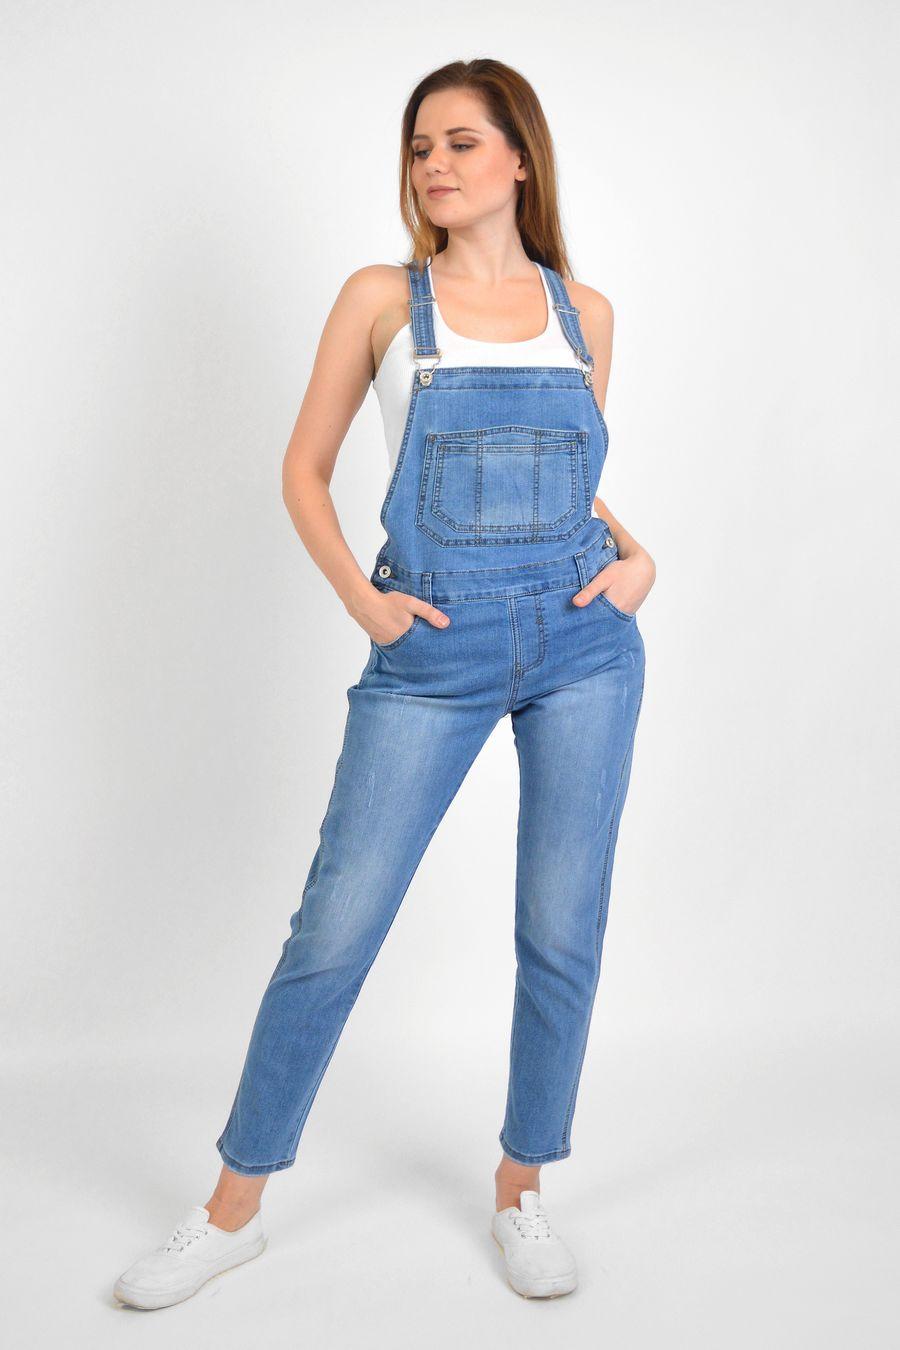 Комбинезон женский Baccino 3040 джинсовый - фото 1